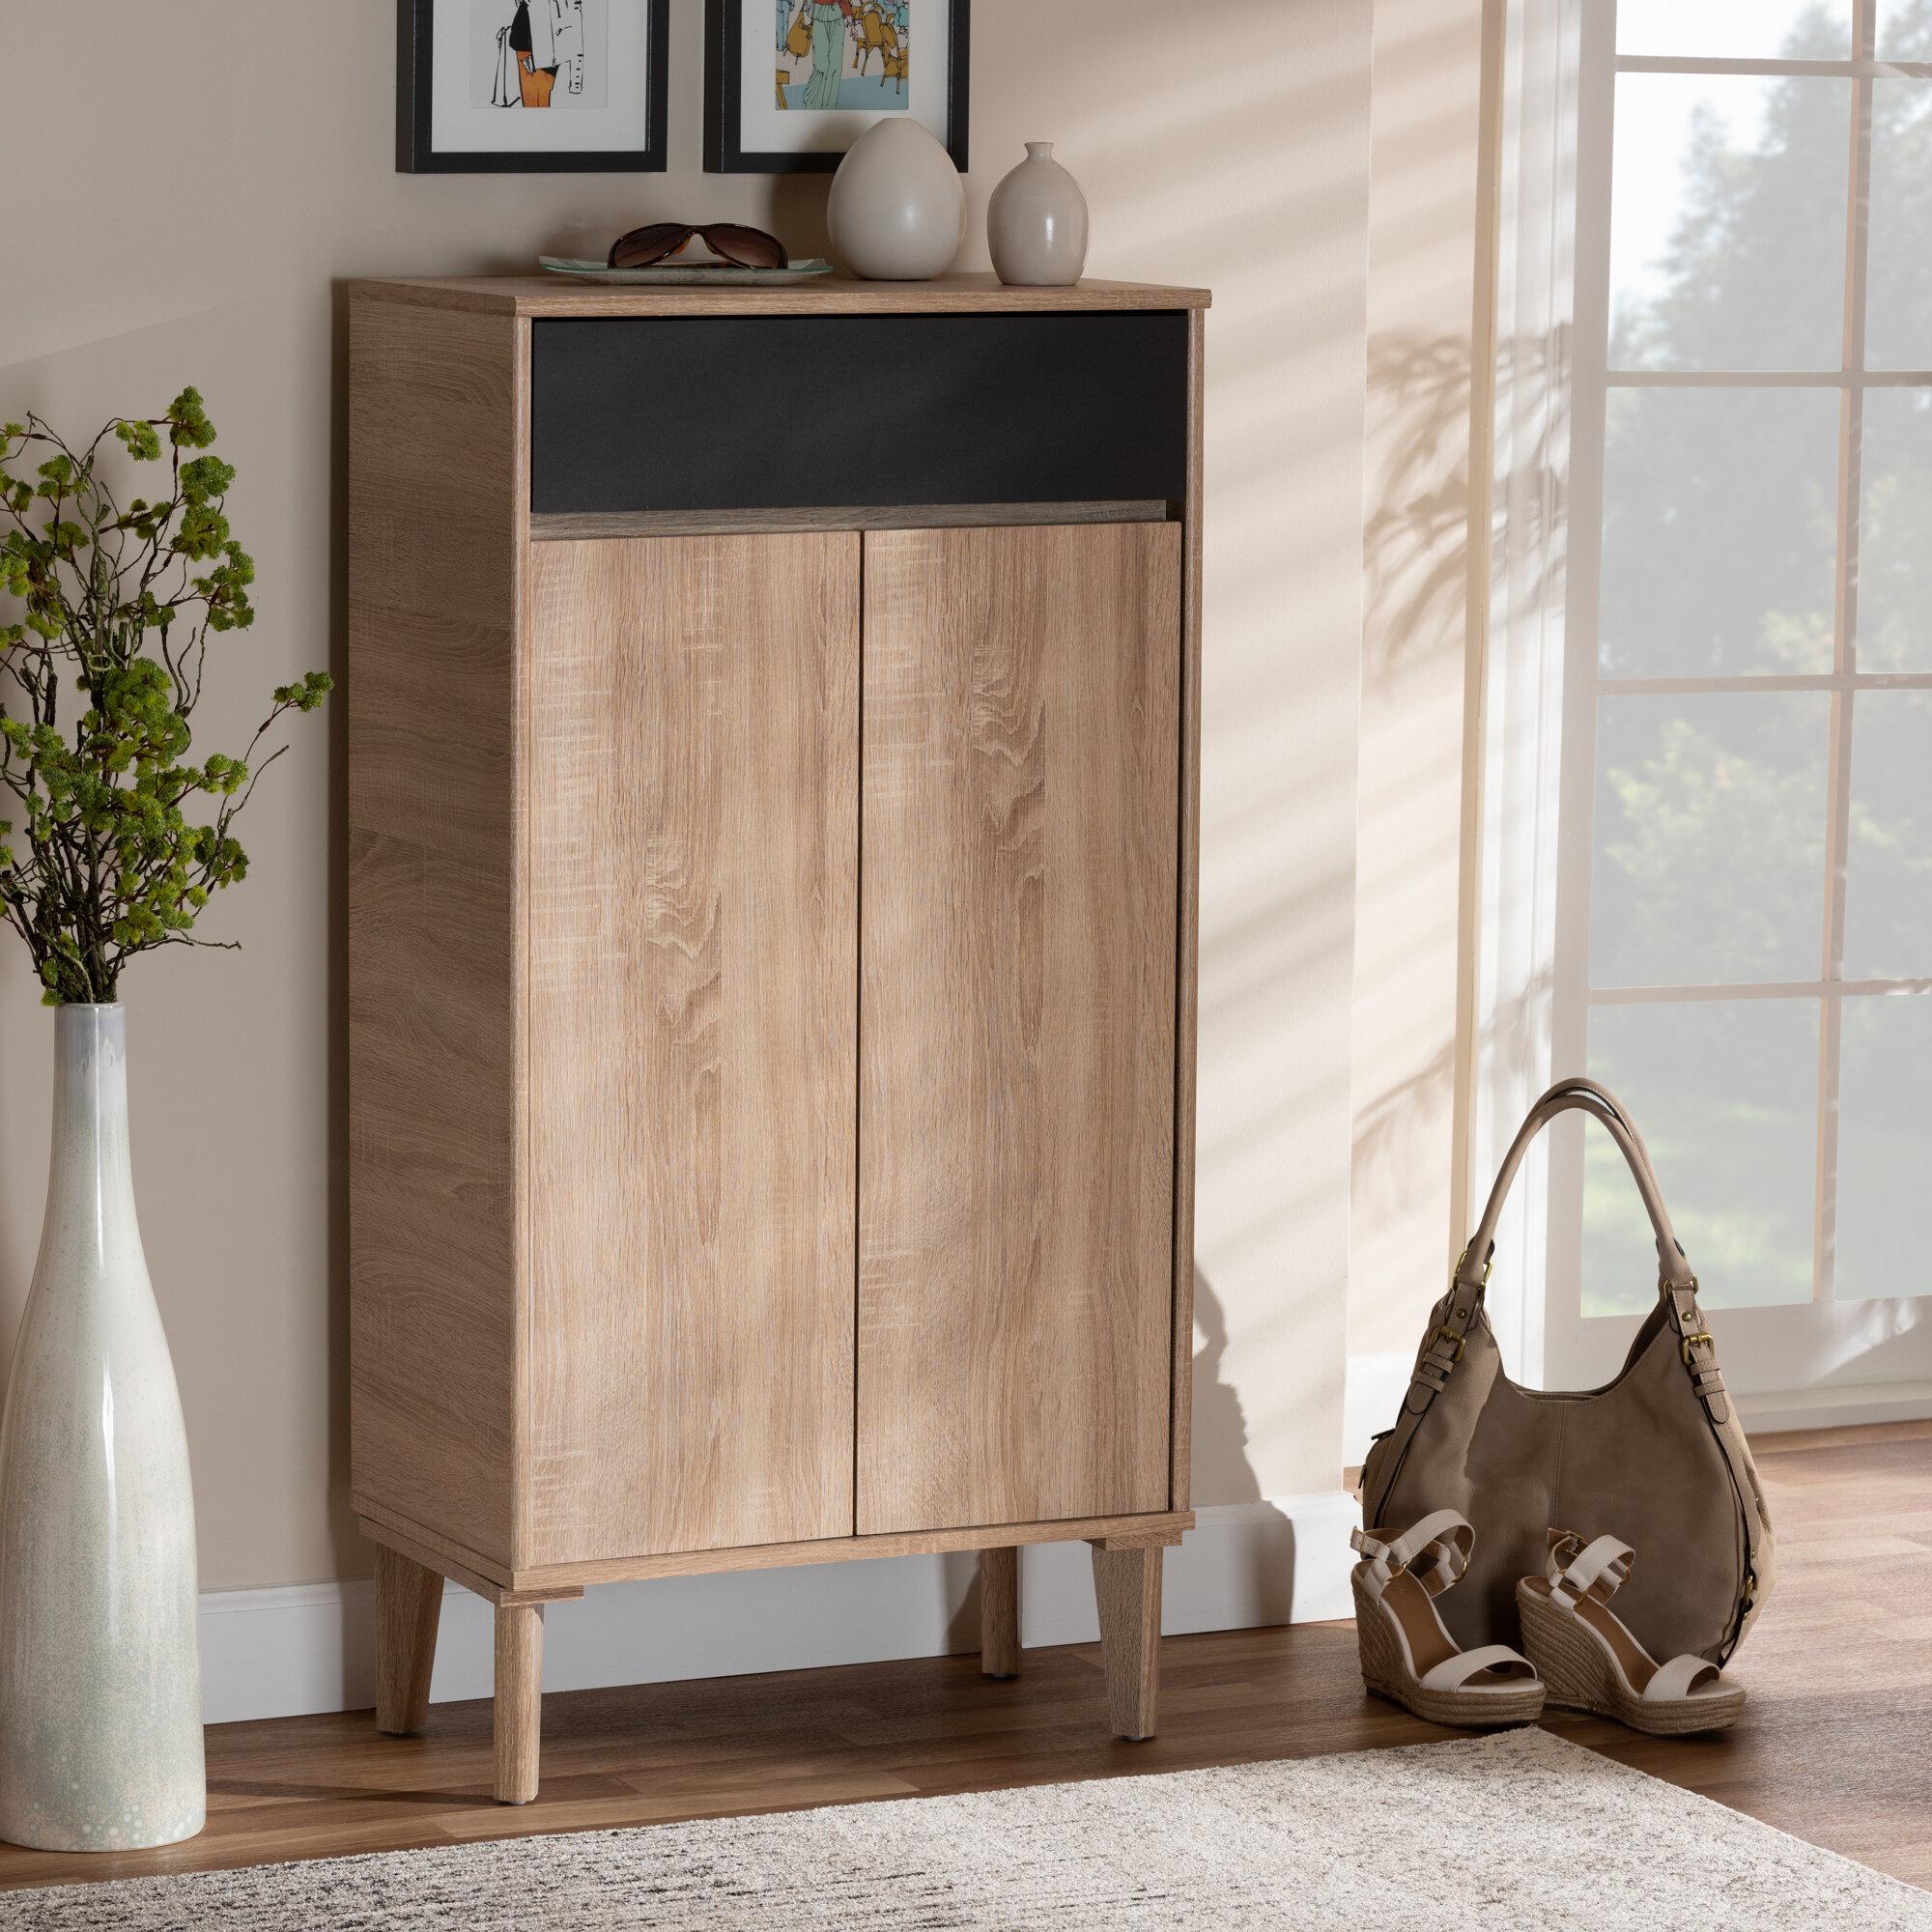 Union Rustic 2 Door Wood Entryway 10 Pair Shoe Storage Cabinet U0026 Reviews |  Wayfair